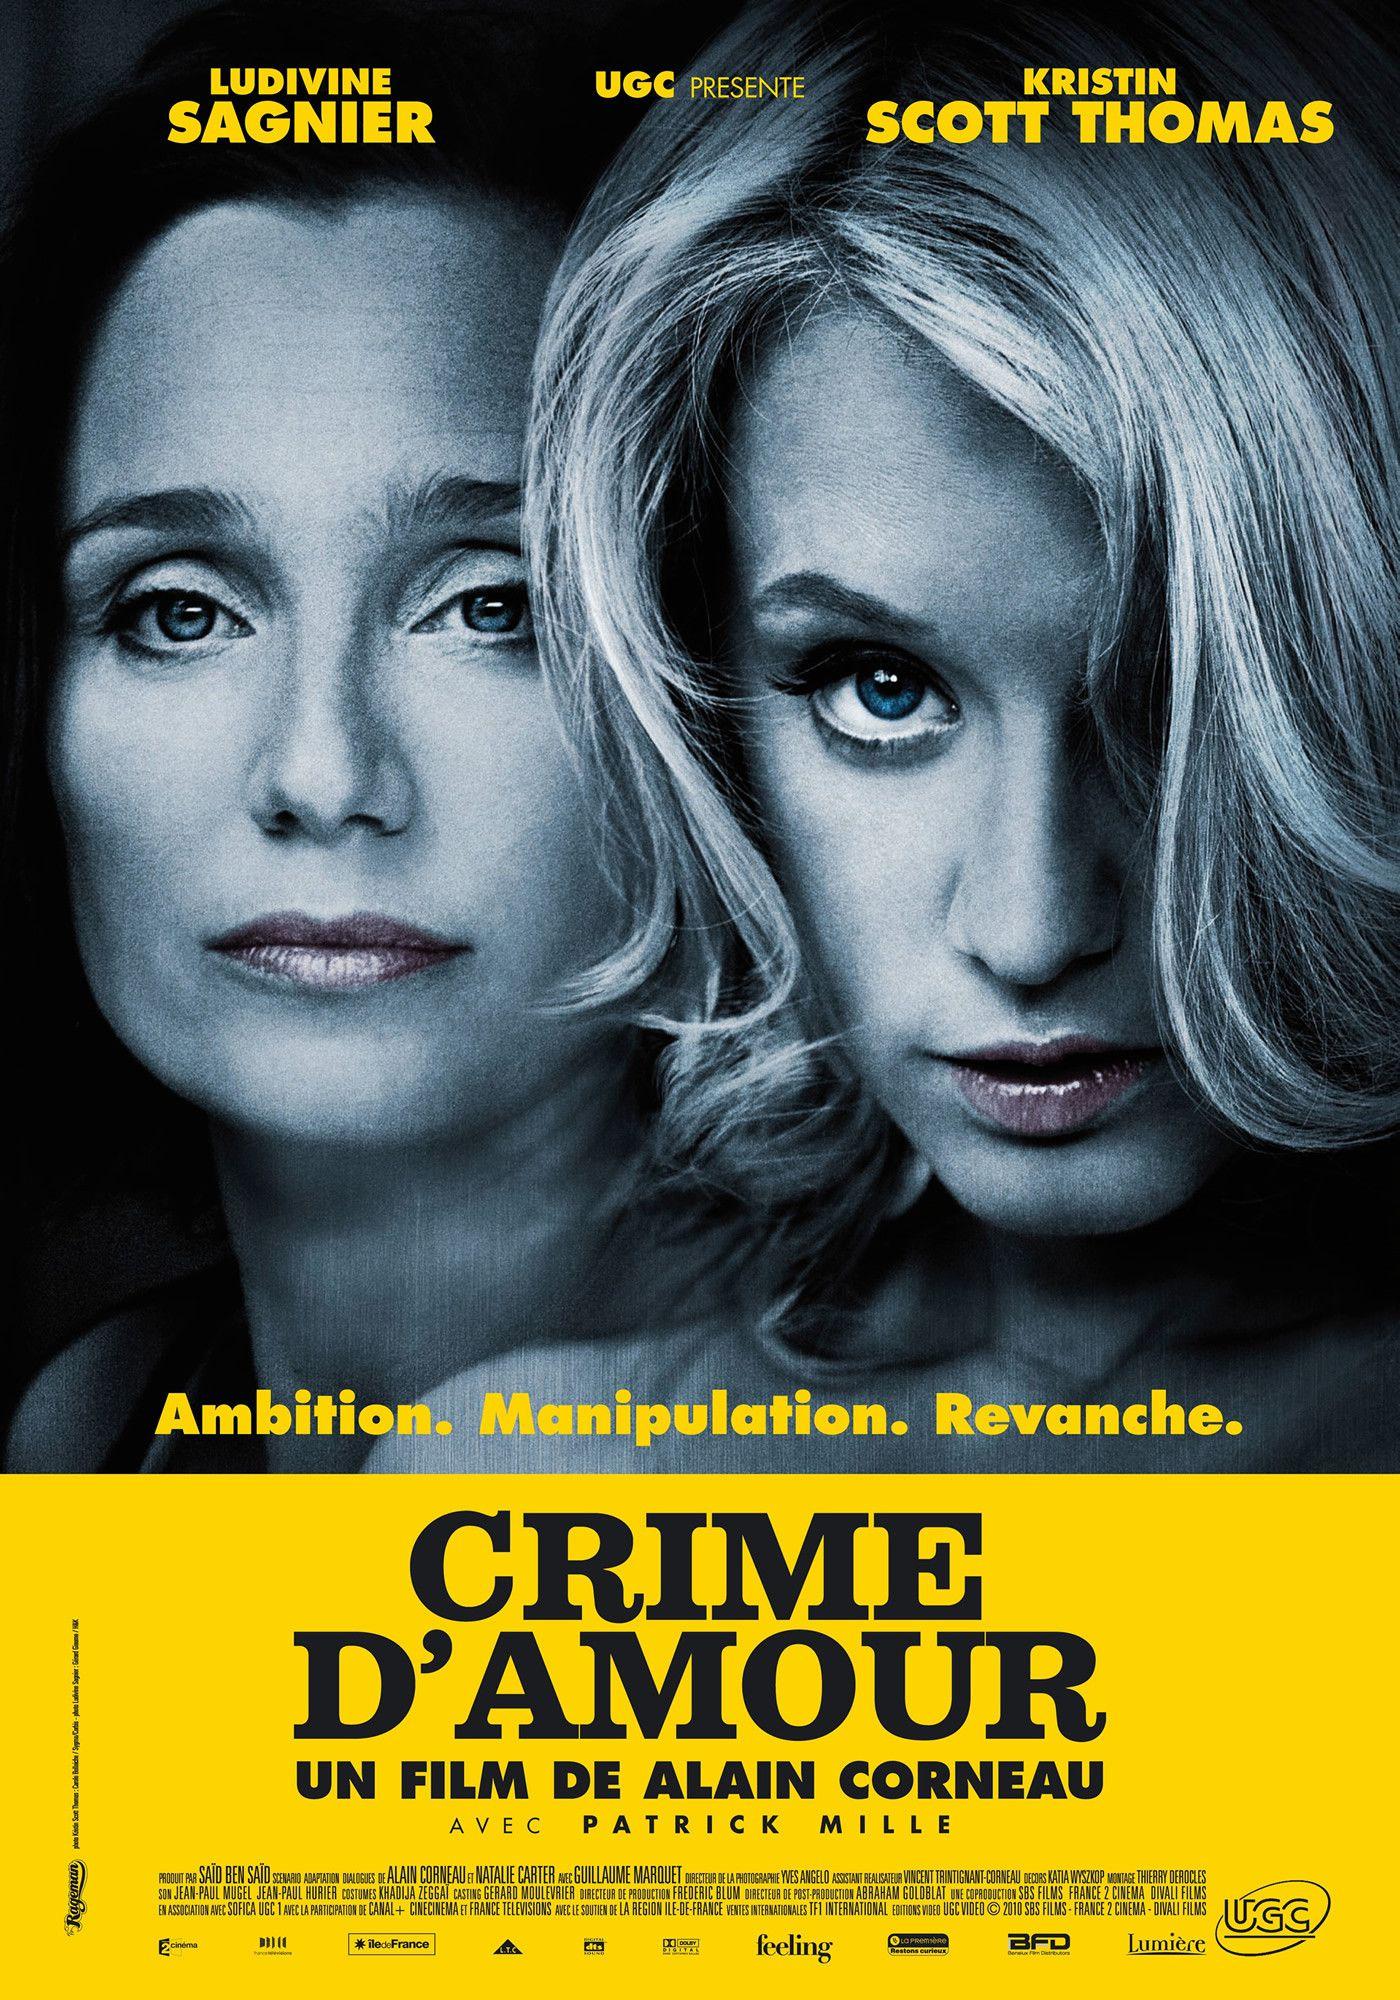 Crime d'amour - Film (2010)